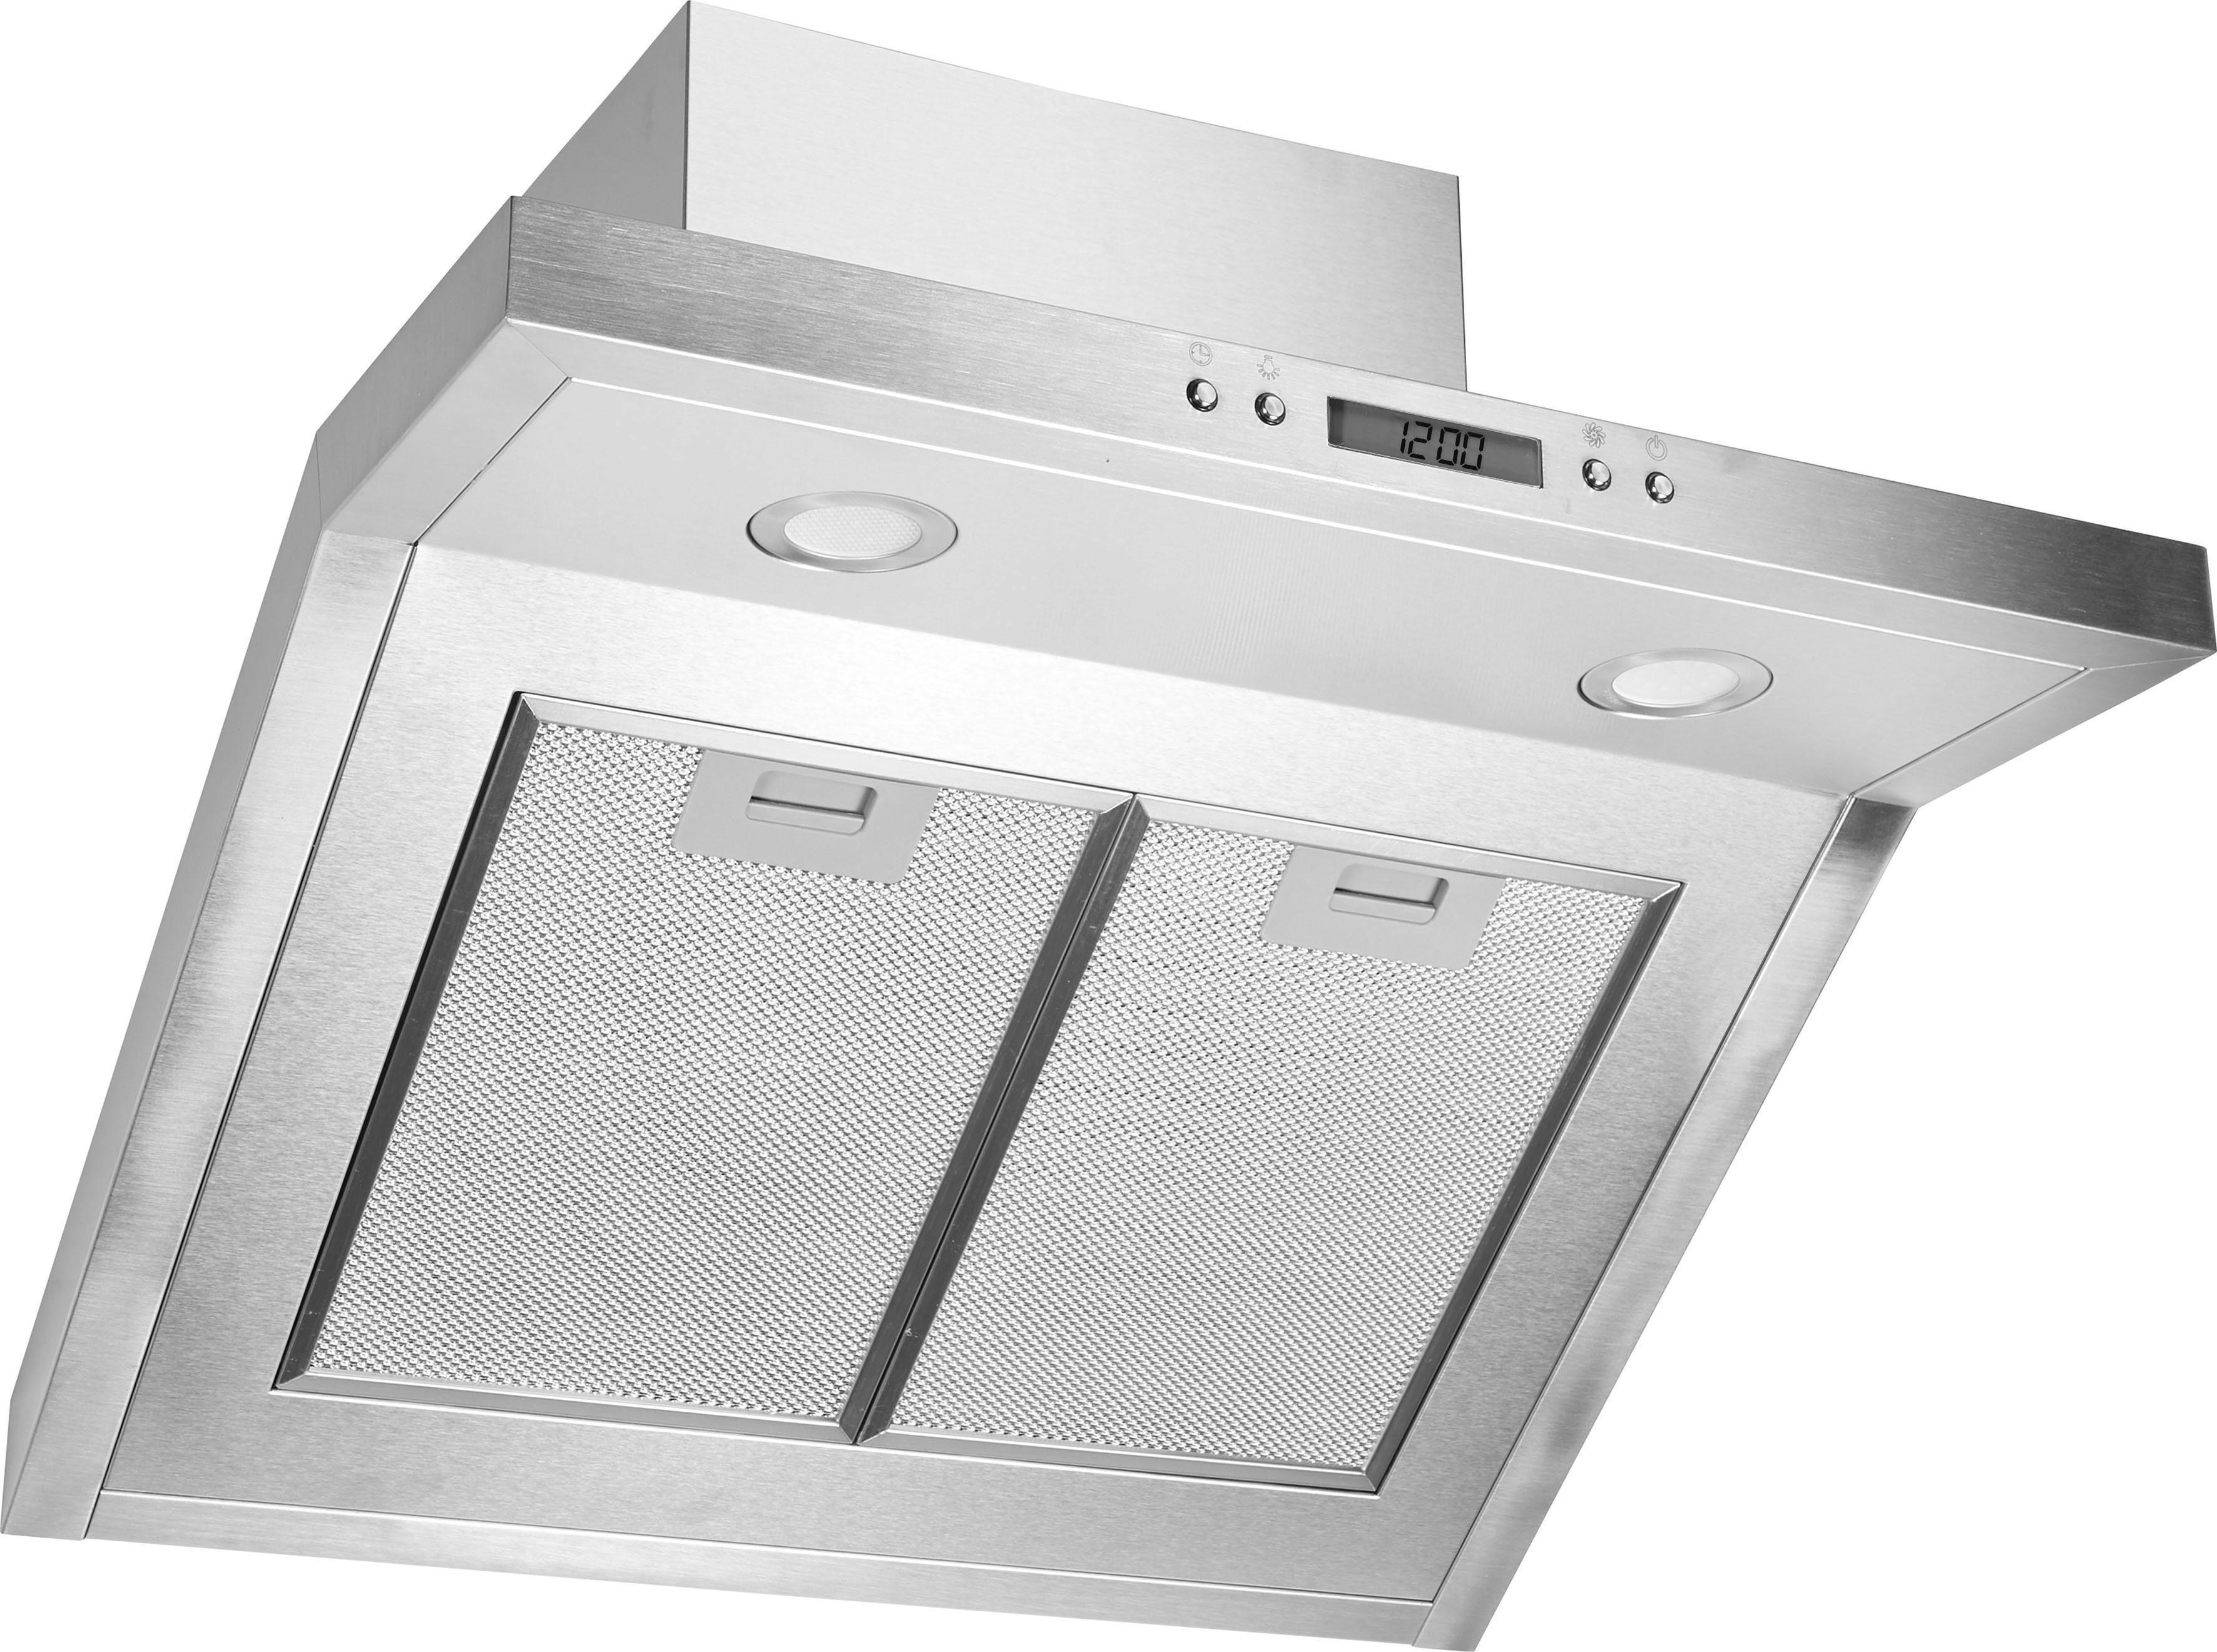 Smeg Kühlschrank Otto : Smeg kühlschrank rosa gebraucht lorraine b smith